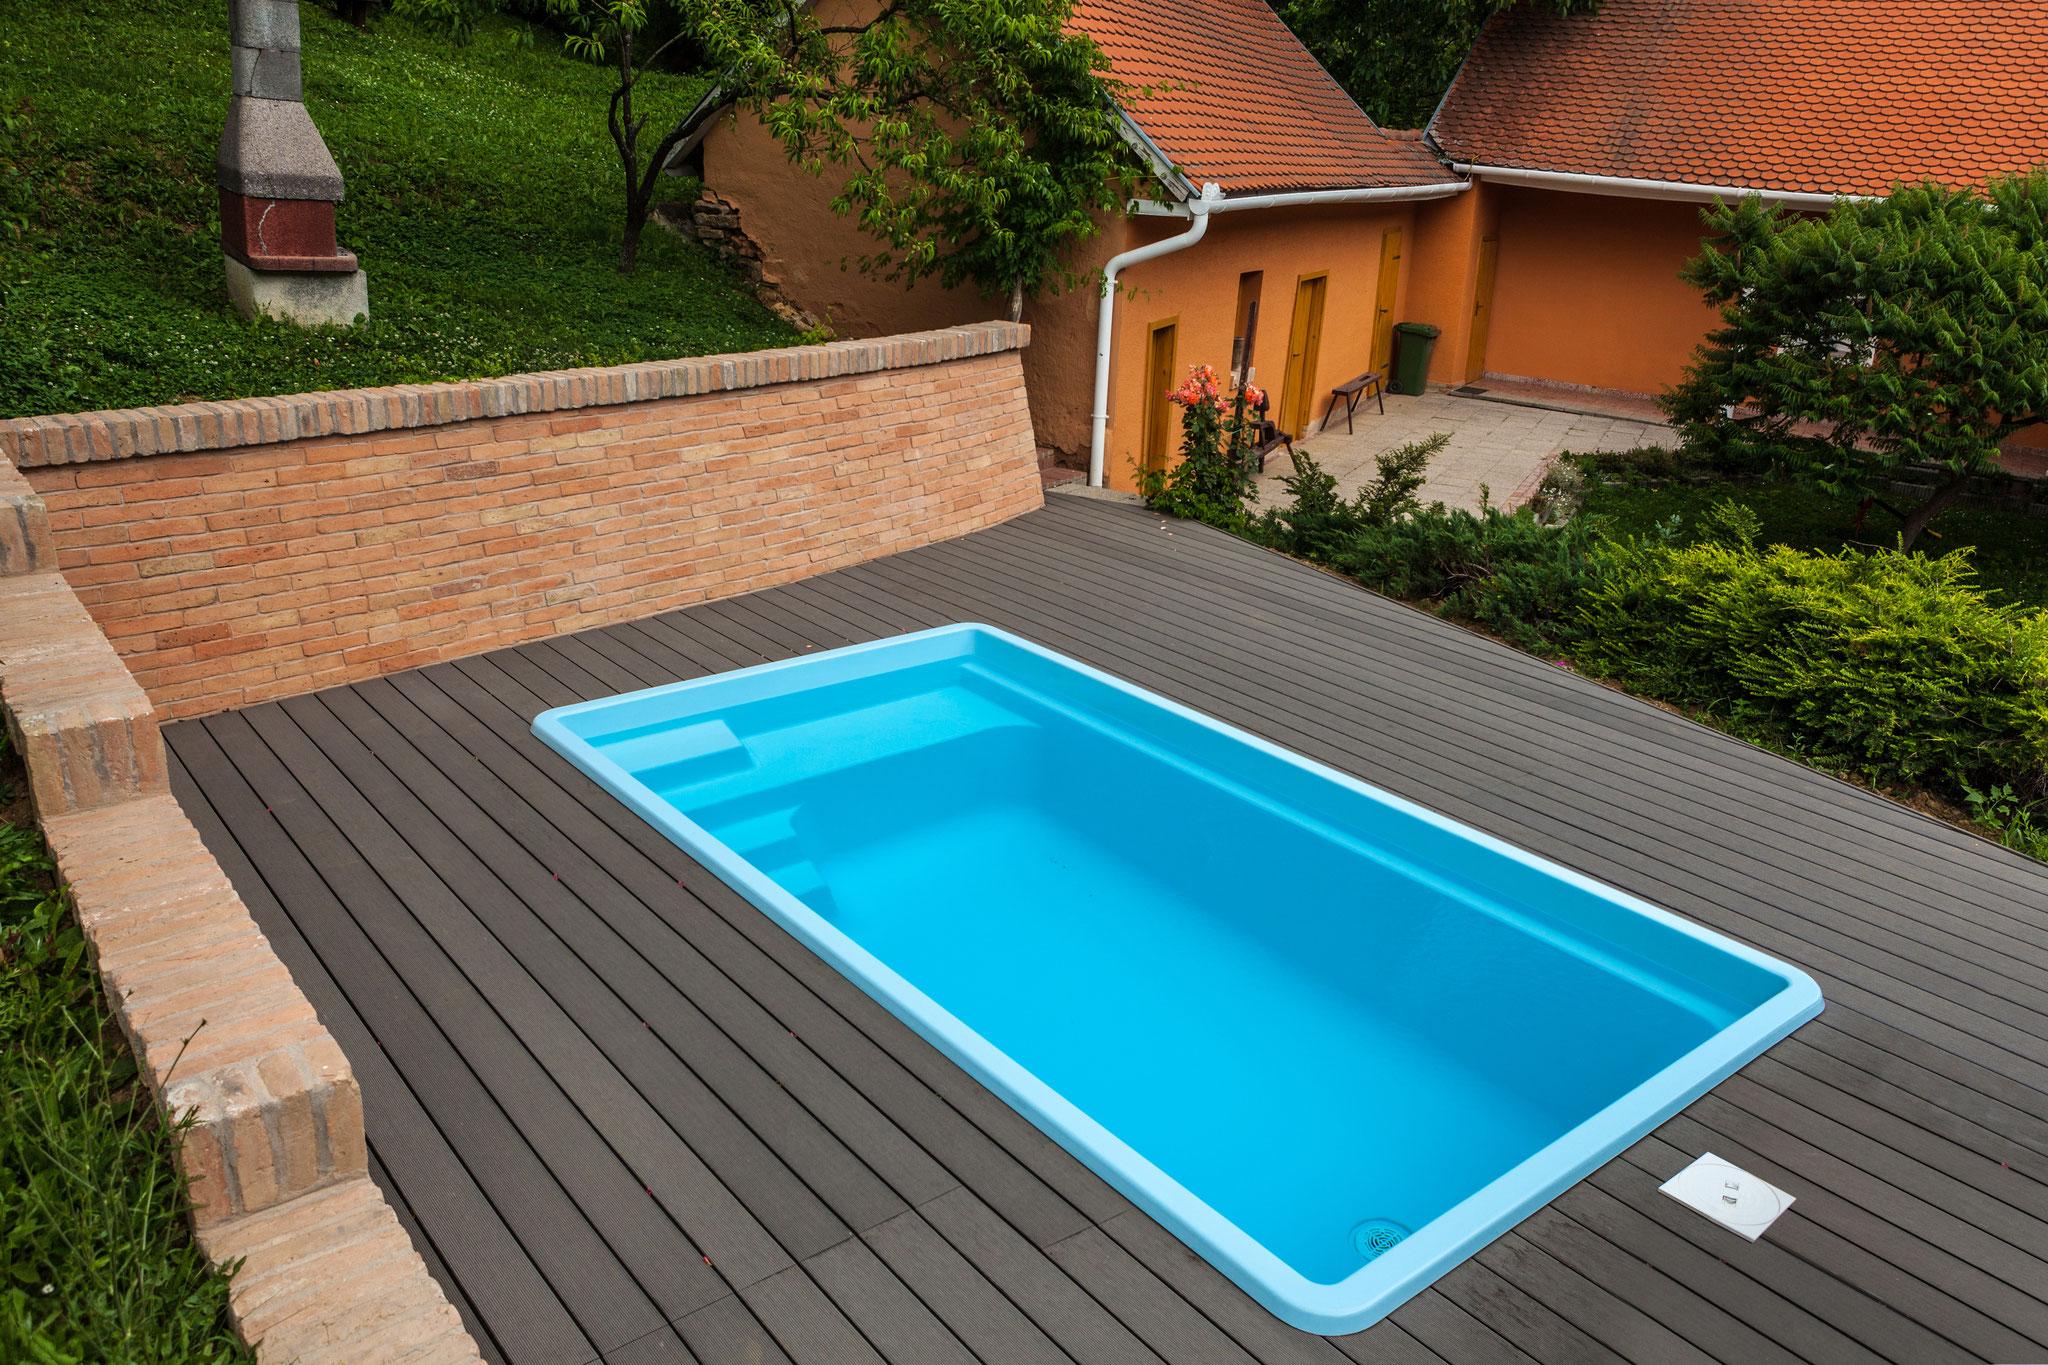 Full Size of Gfk Pool Rund 3 5m Kaufen Komplettset 350 4 M 6m Runde Fenster Swimmingpool Garten Sri Lanka Rundreise Und Baden Halbrundes Sofa Schwimmingpool Für Den Wohnzimmer Gfk Pool Rund